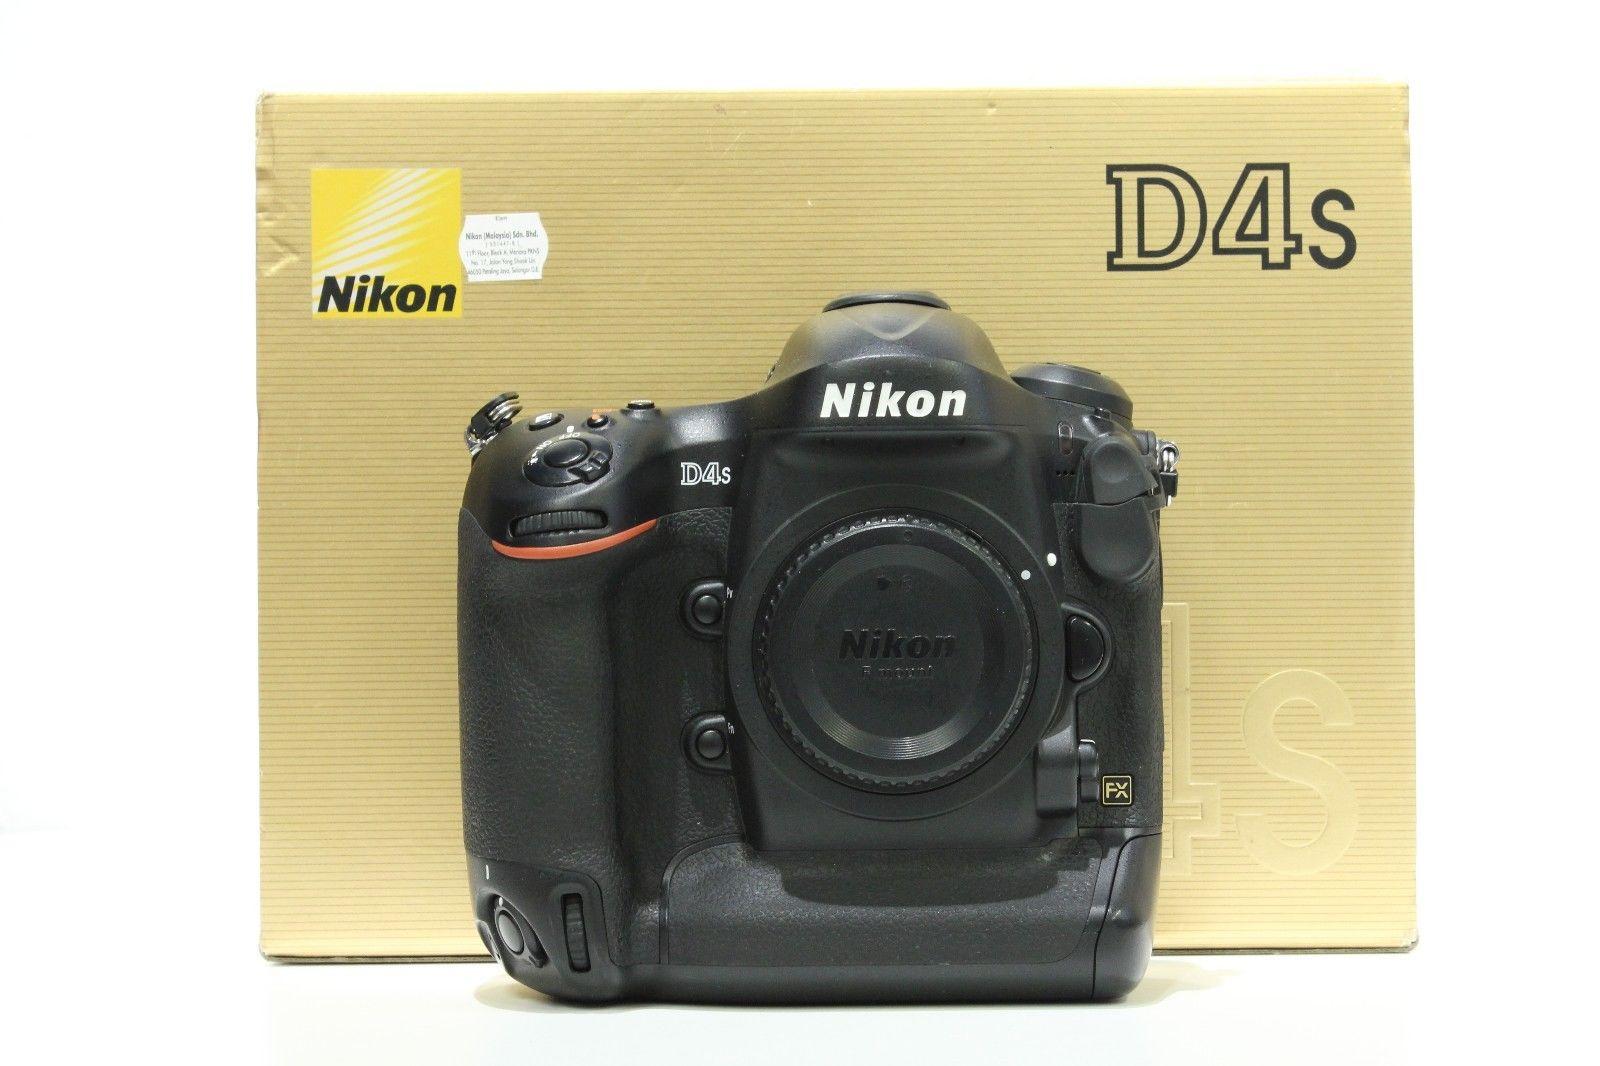 Nikon D4S 16.2 MP Profi-DSLR  (Nur Gehäuse/Body Only) in OVP - Sehr Gute Zustand